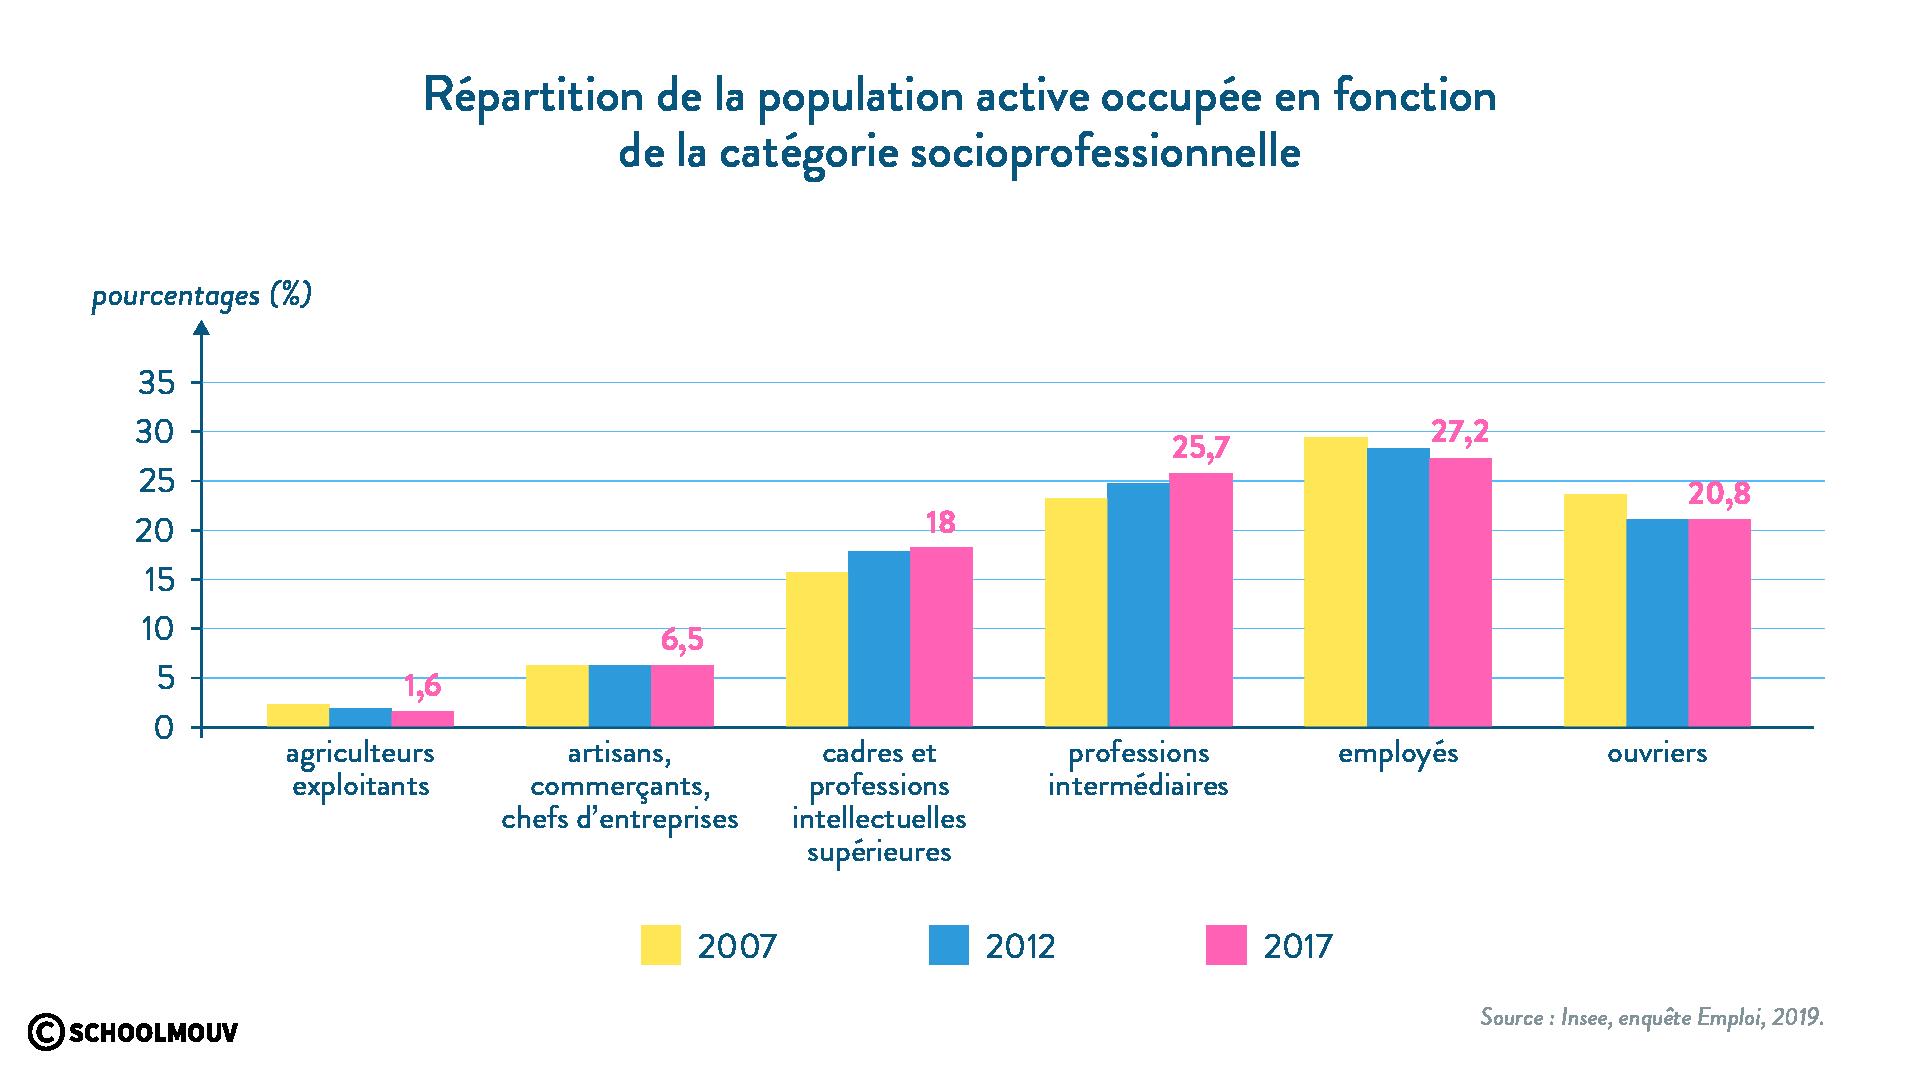 répartition population active occupée catégorie socioprofessionnelle